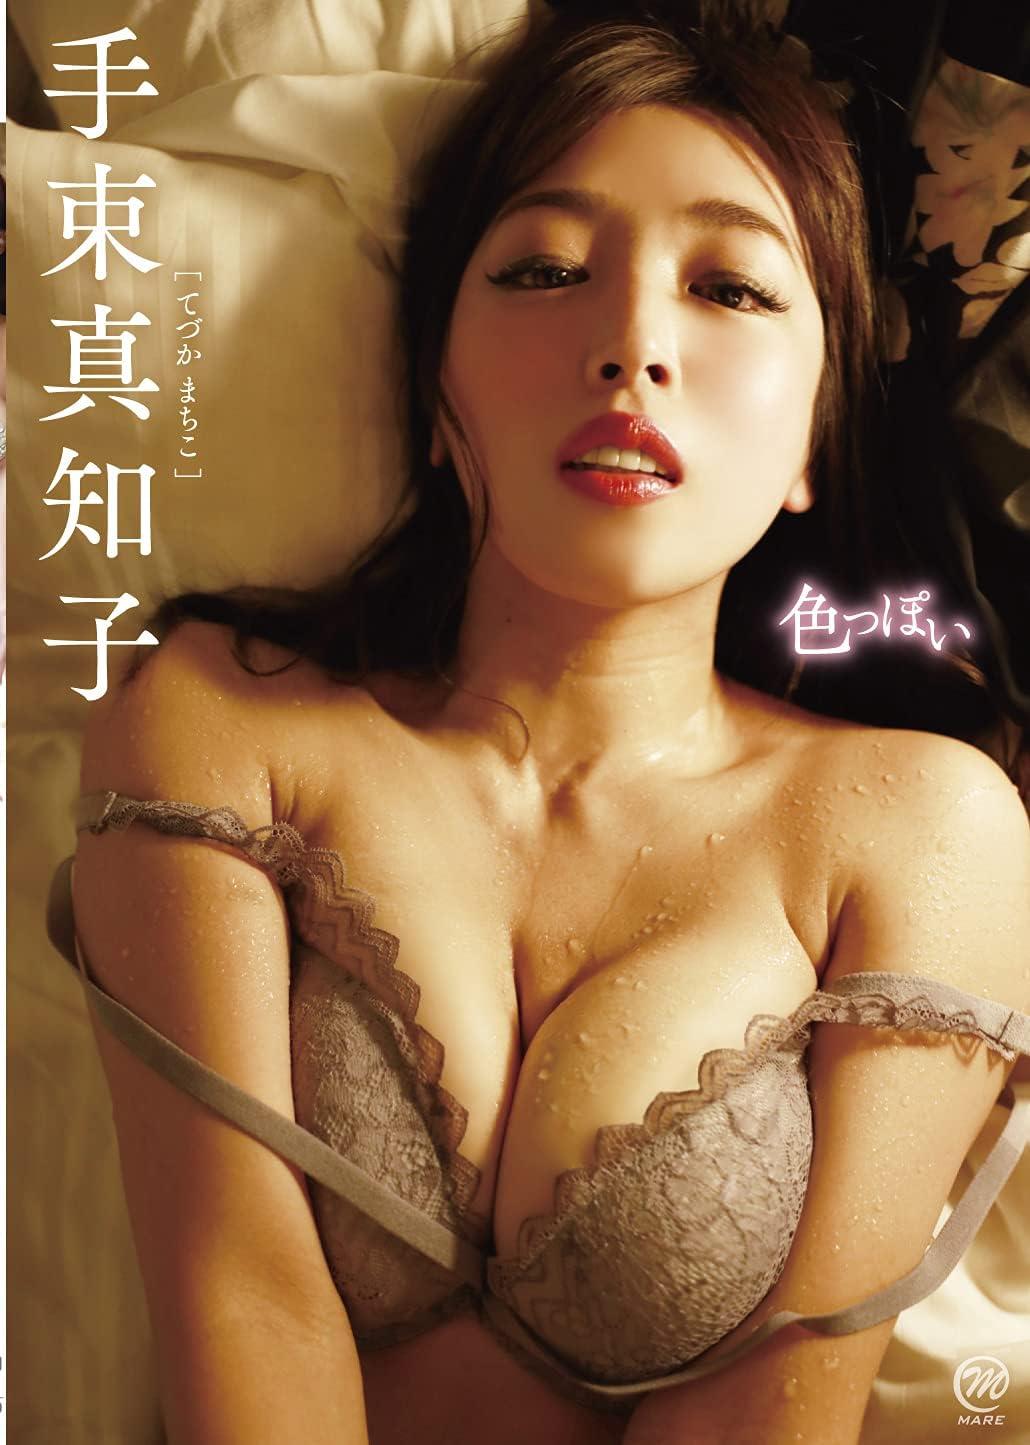 Gカップグラドル 手束真知子 Tezuka Machiko さん 動画と画像の作品リスト